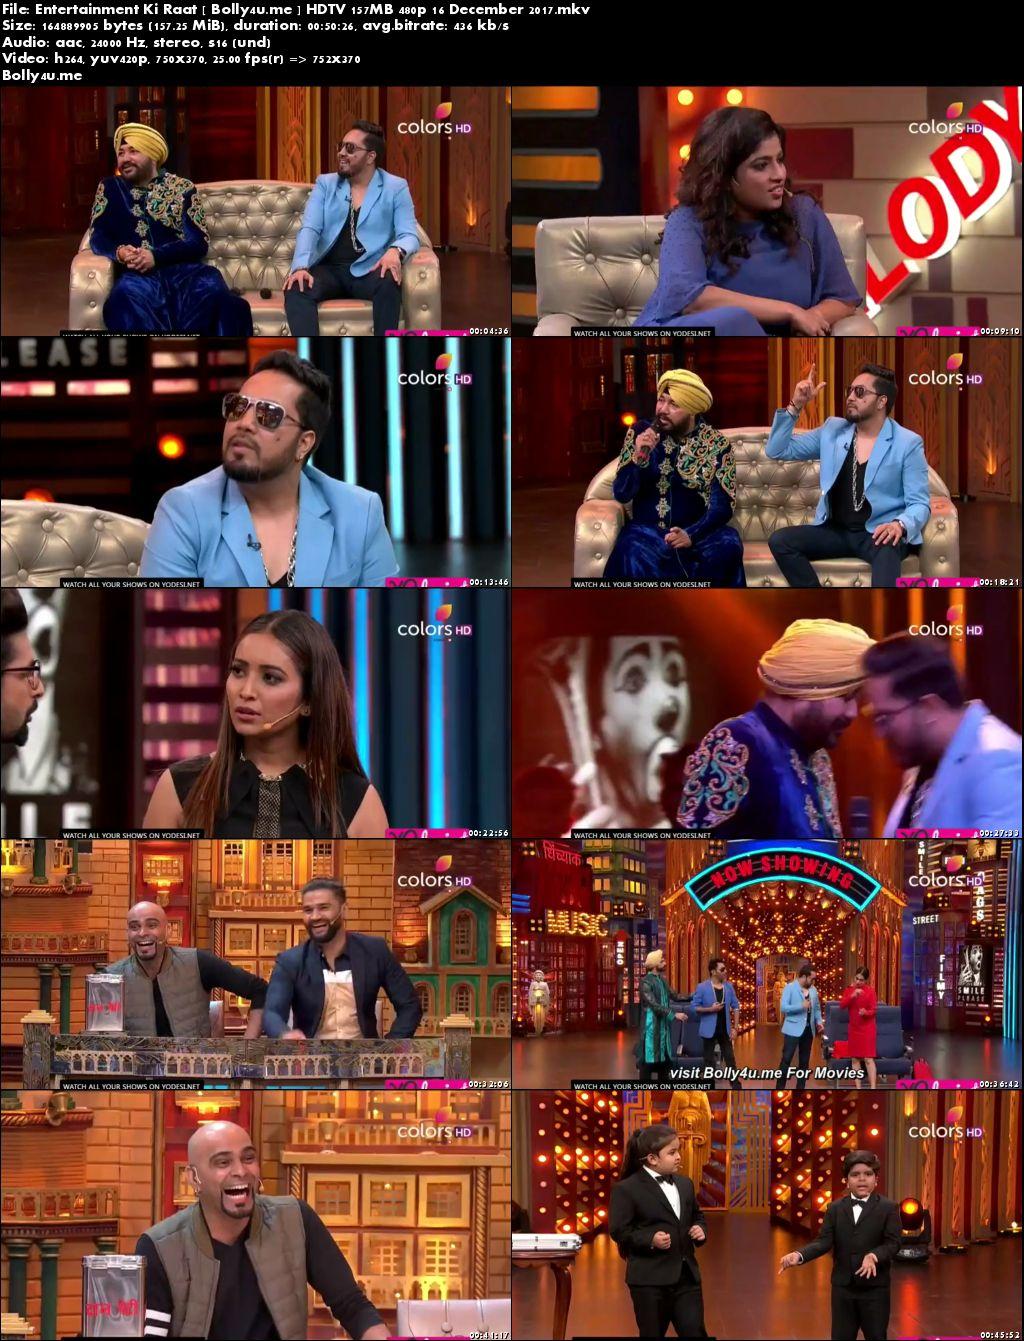 Entertainment Ki Raat HDTV 150MB 480p 16 Dec 2017 Download